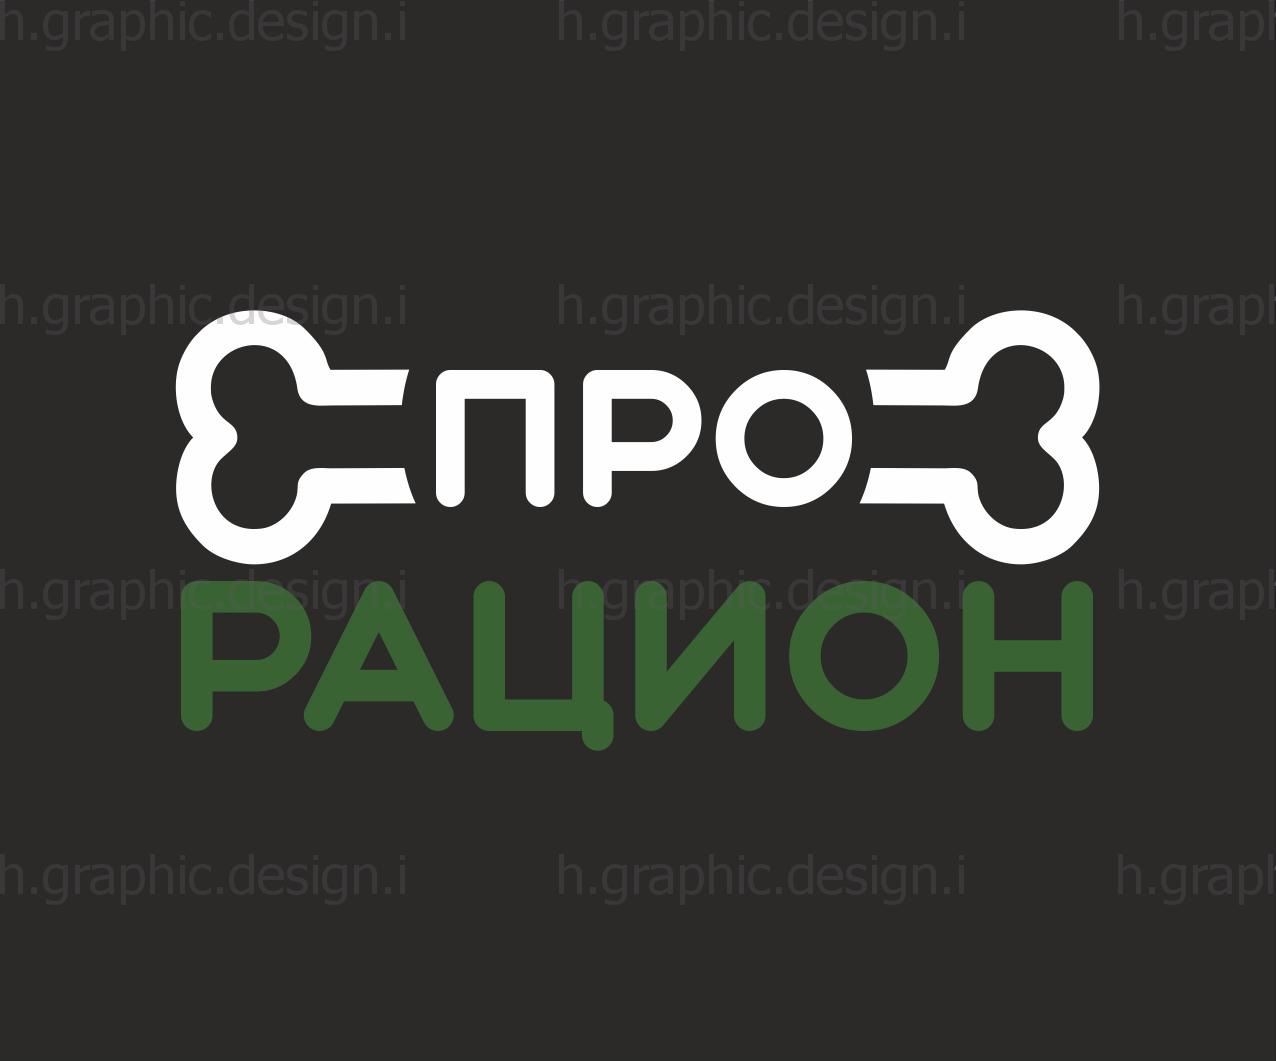 Создать логотип для производственной компании фото f_4755d95ed57da5a9.png